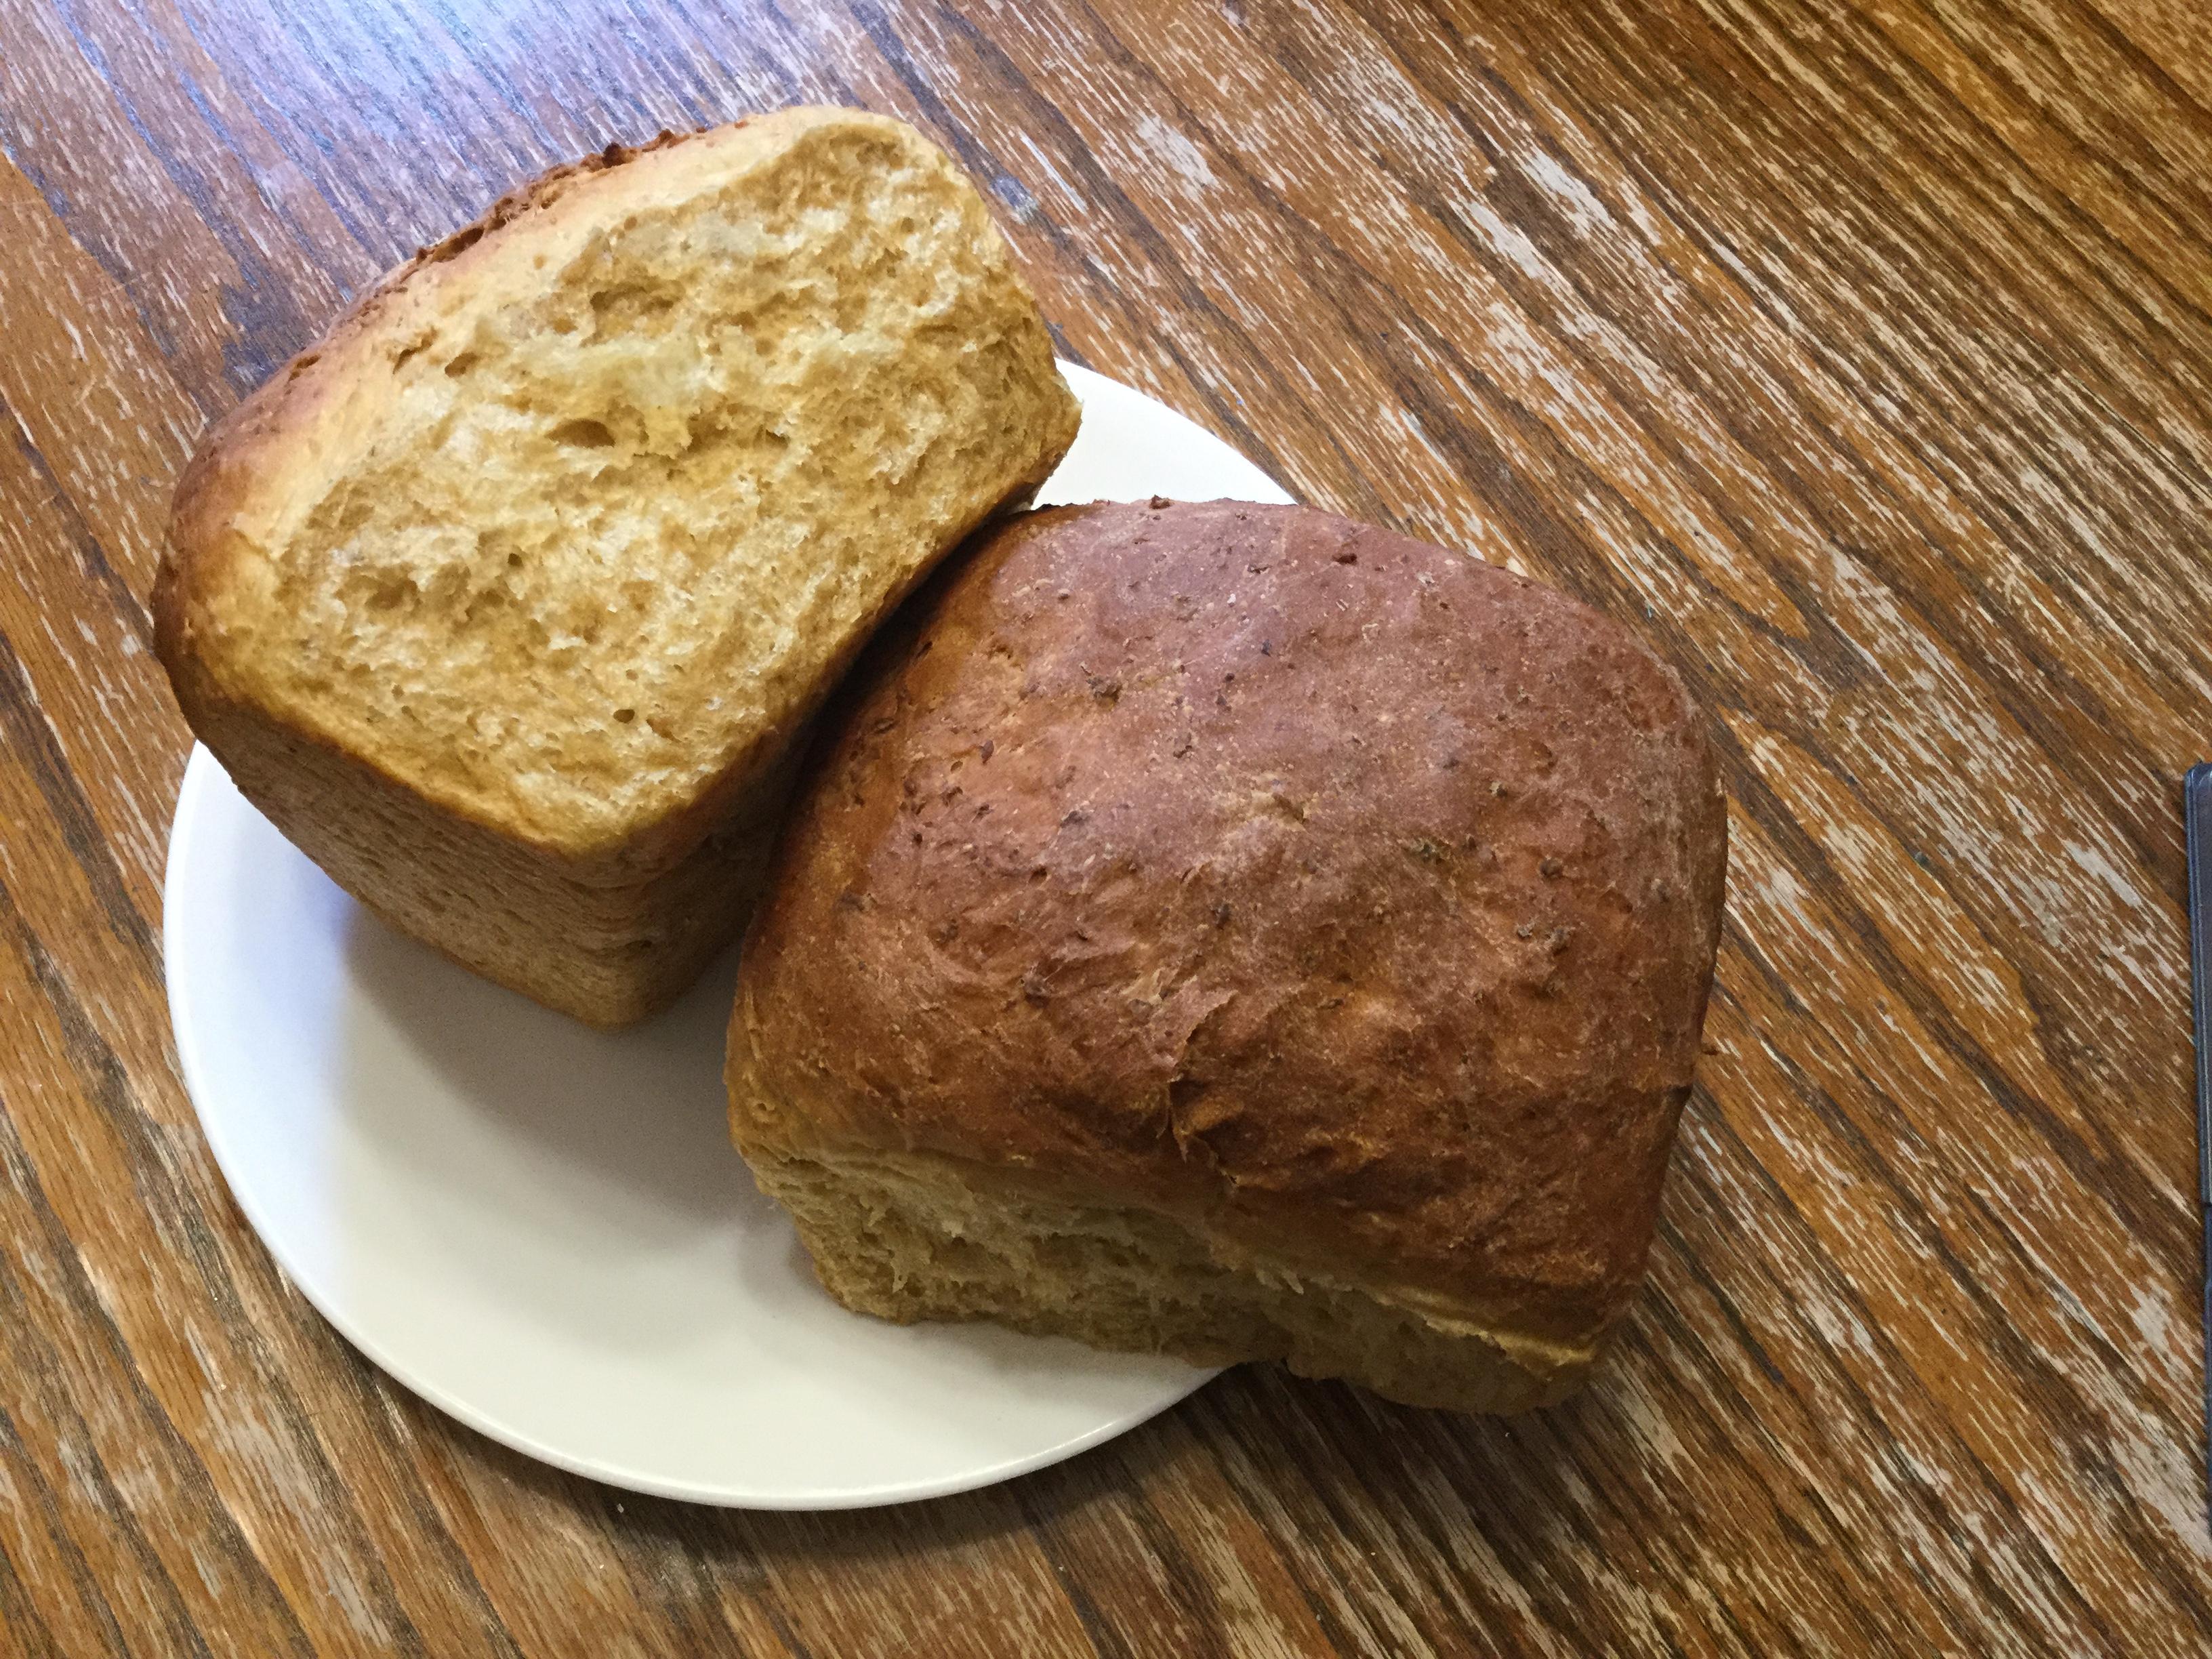 Old-Fashioned Porridge and Molasses Bread manella